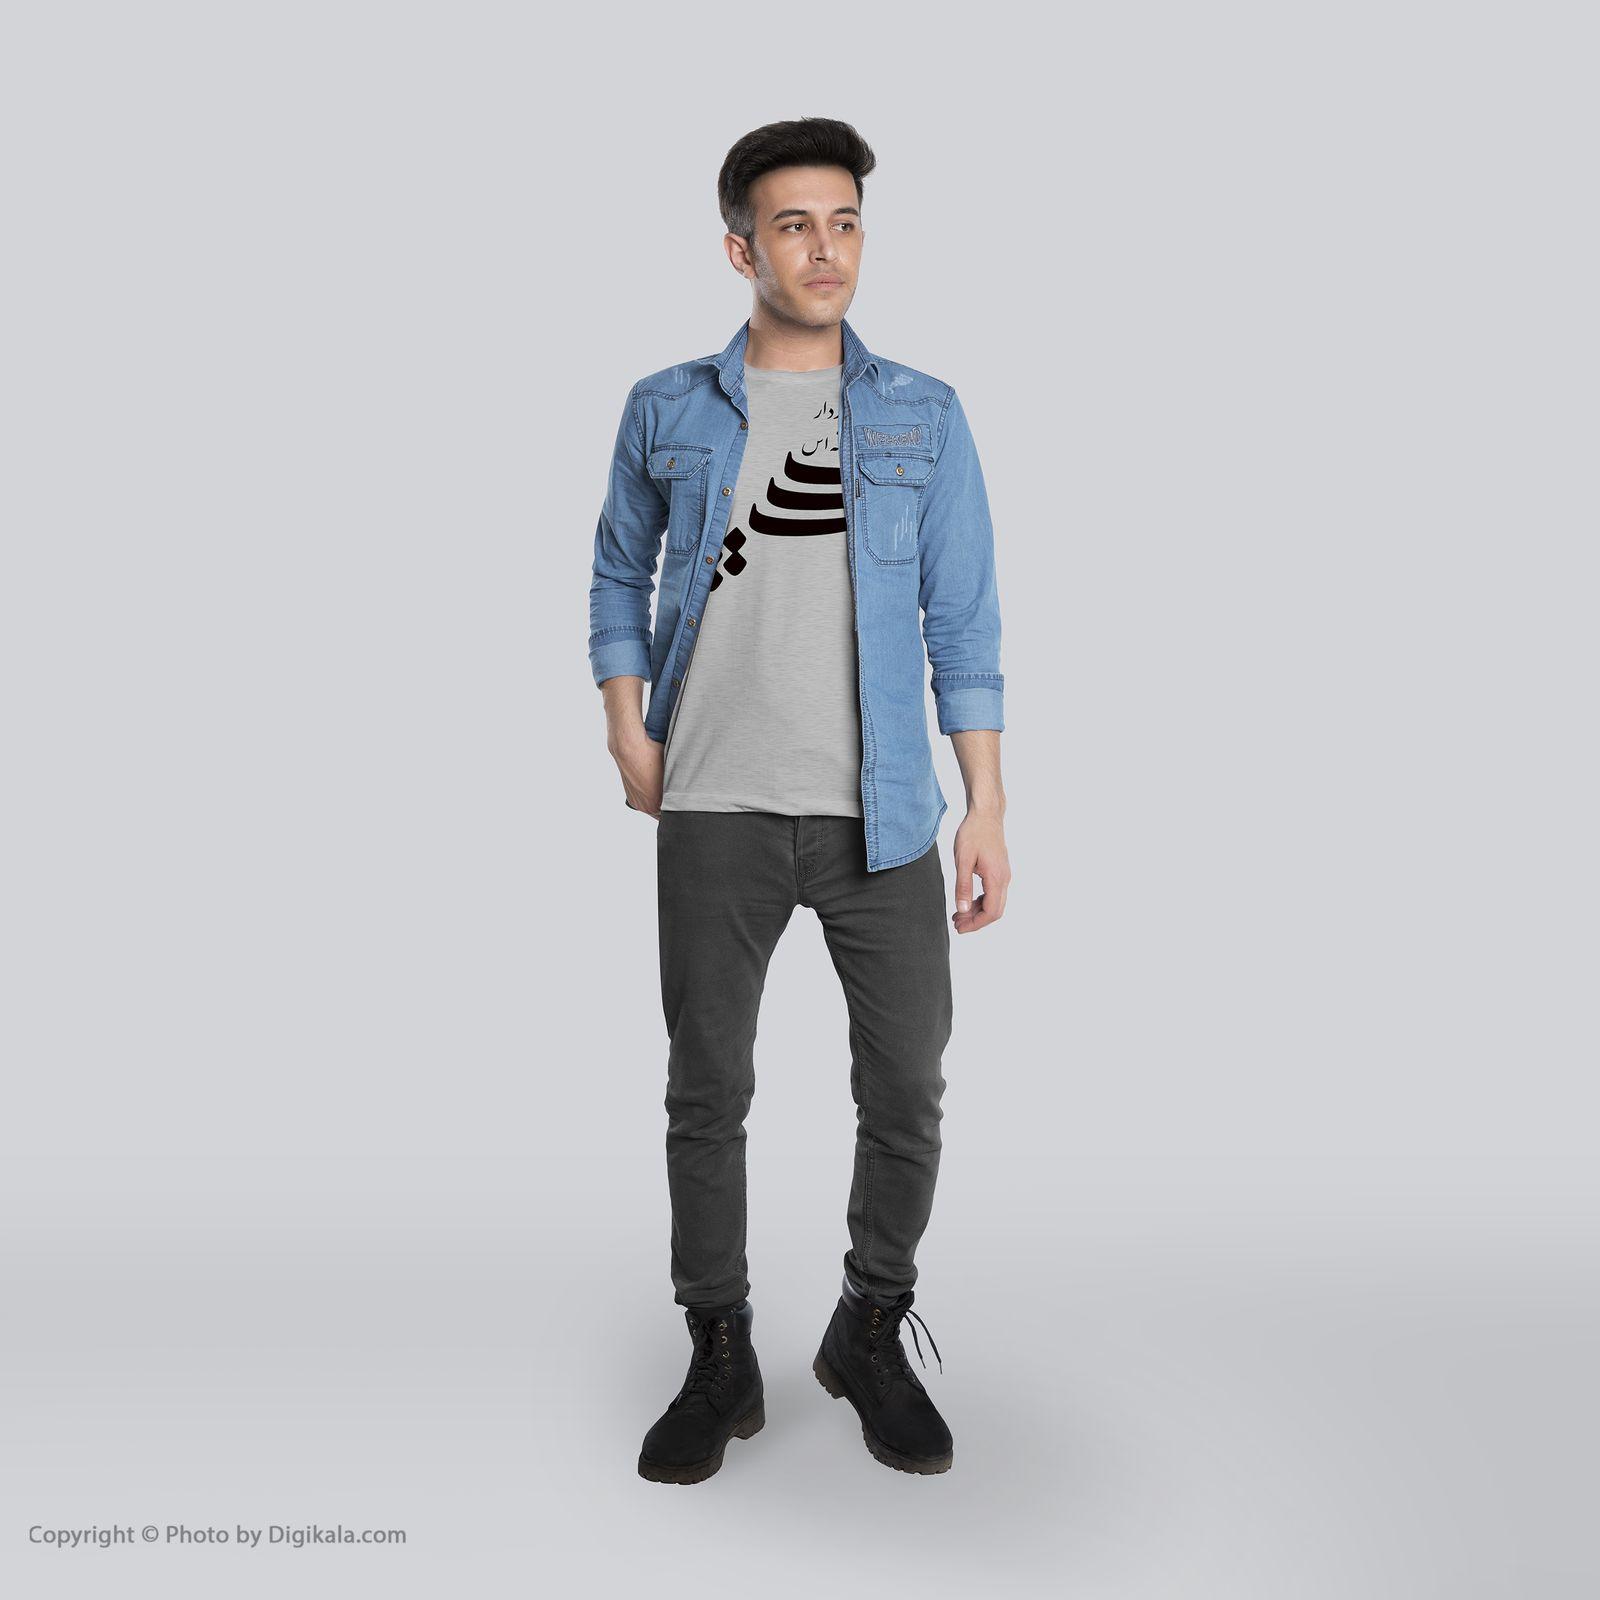 تی شرت  مردانه 27  طرح منجی کد B122 -  - 6